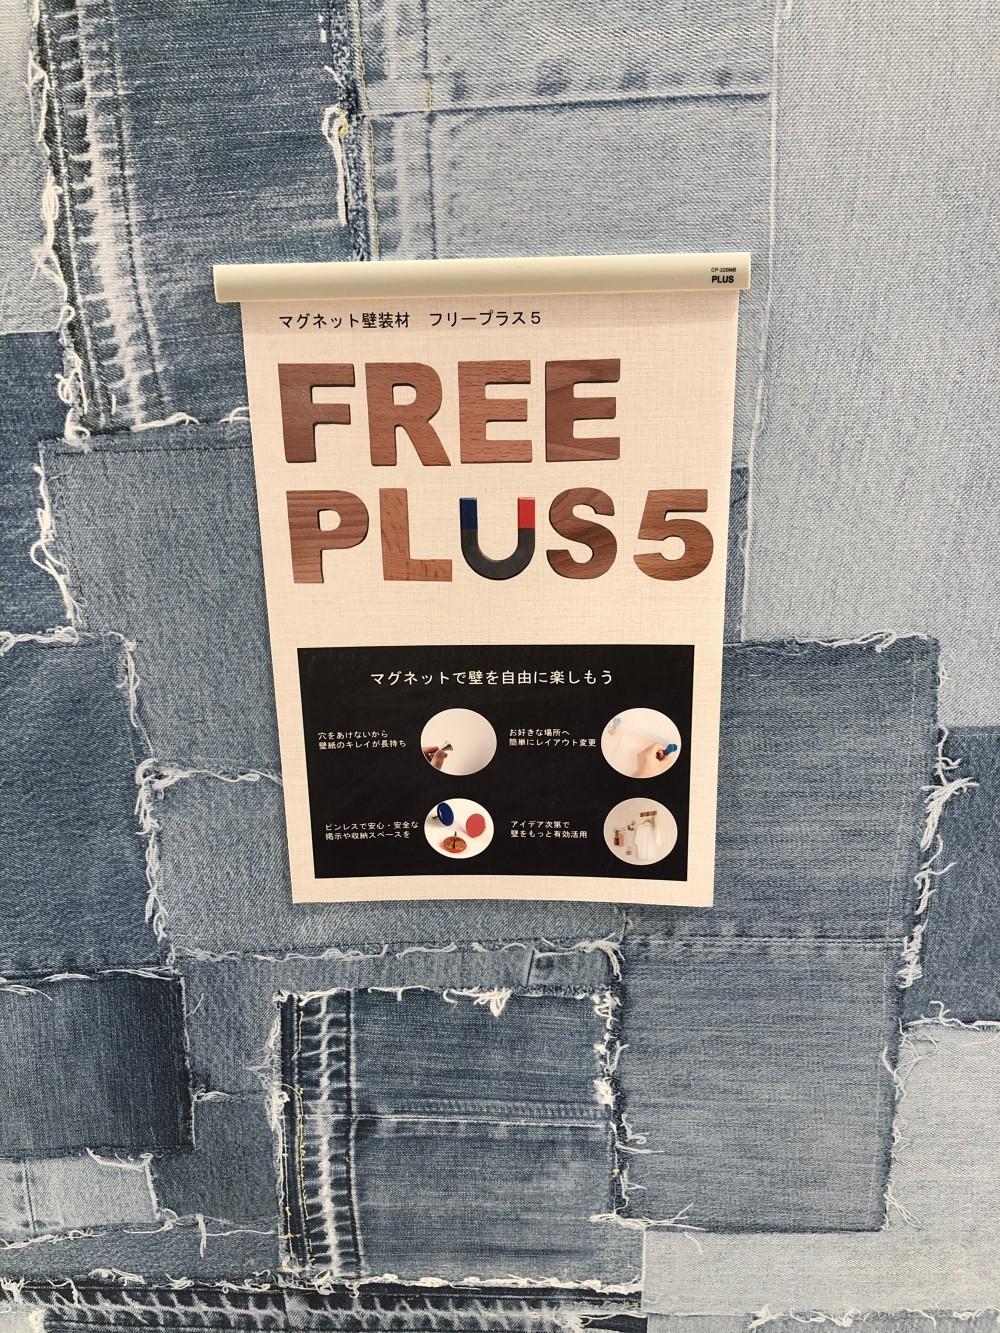 壁紙 リフォーム マグネット壁装材 水回りリフォーム 富山県 石川県のリフォームはオンリーワンリフォーム